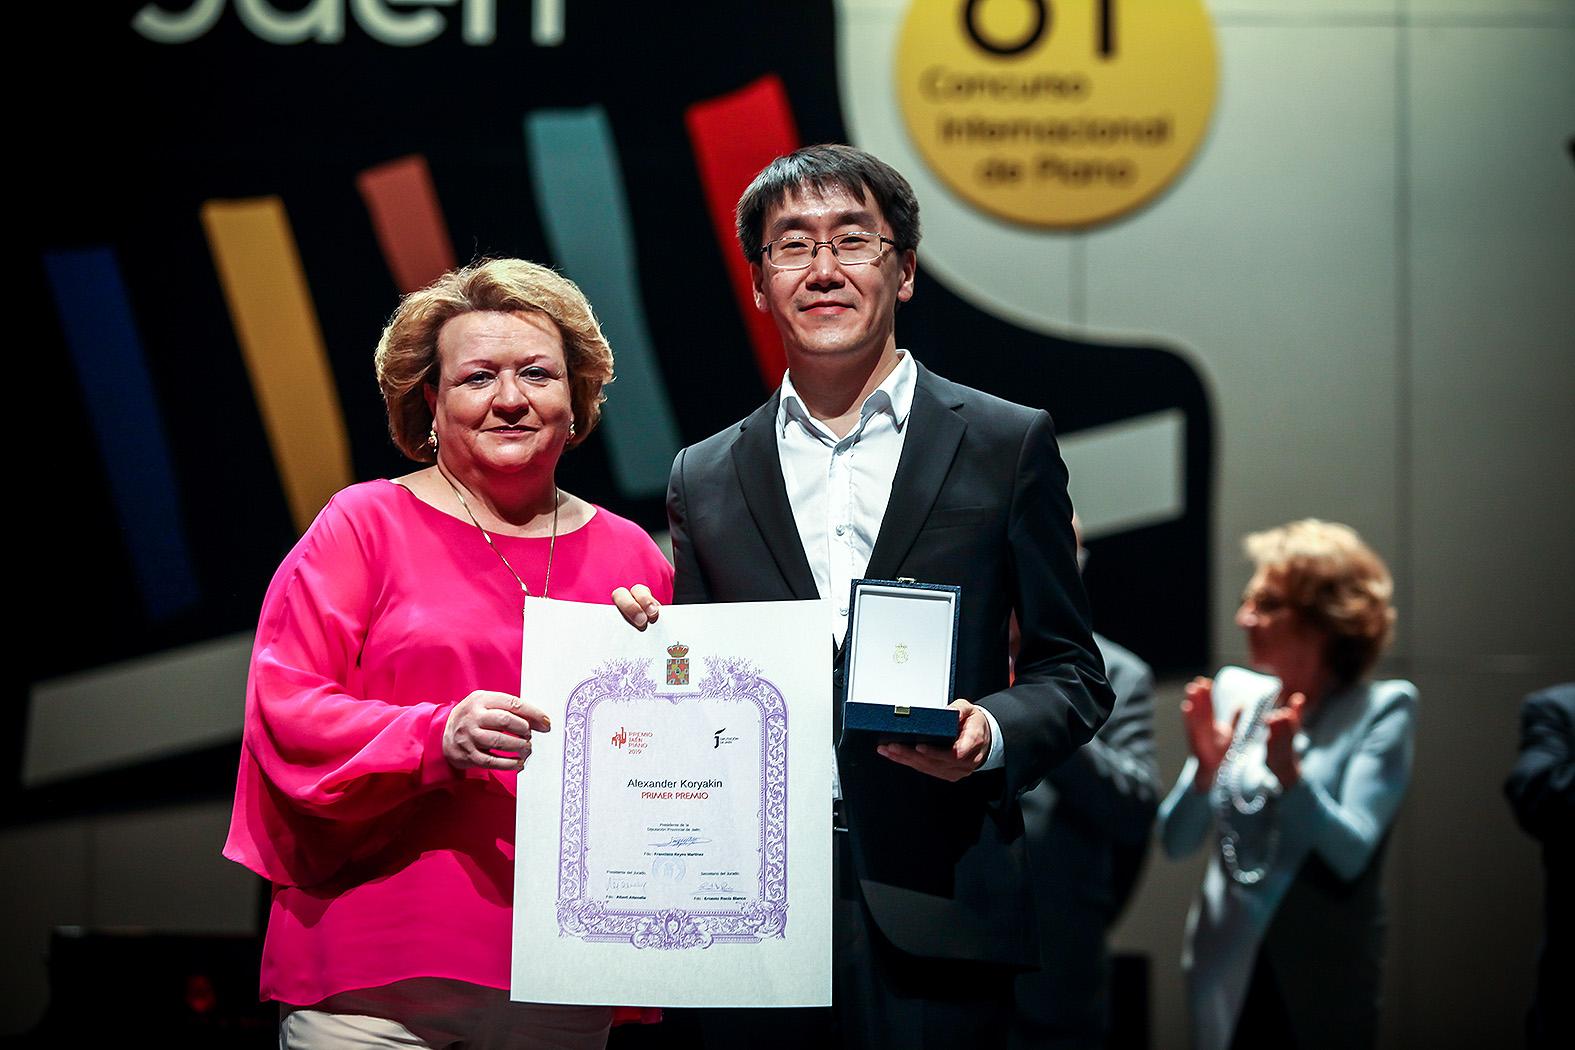 1er Premio: Alexander Koryakin